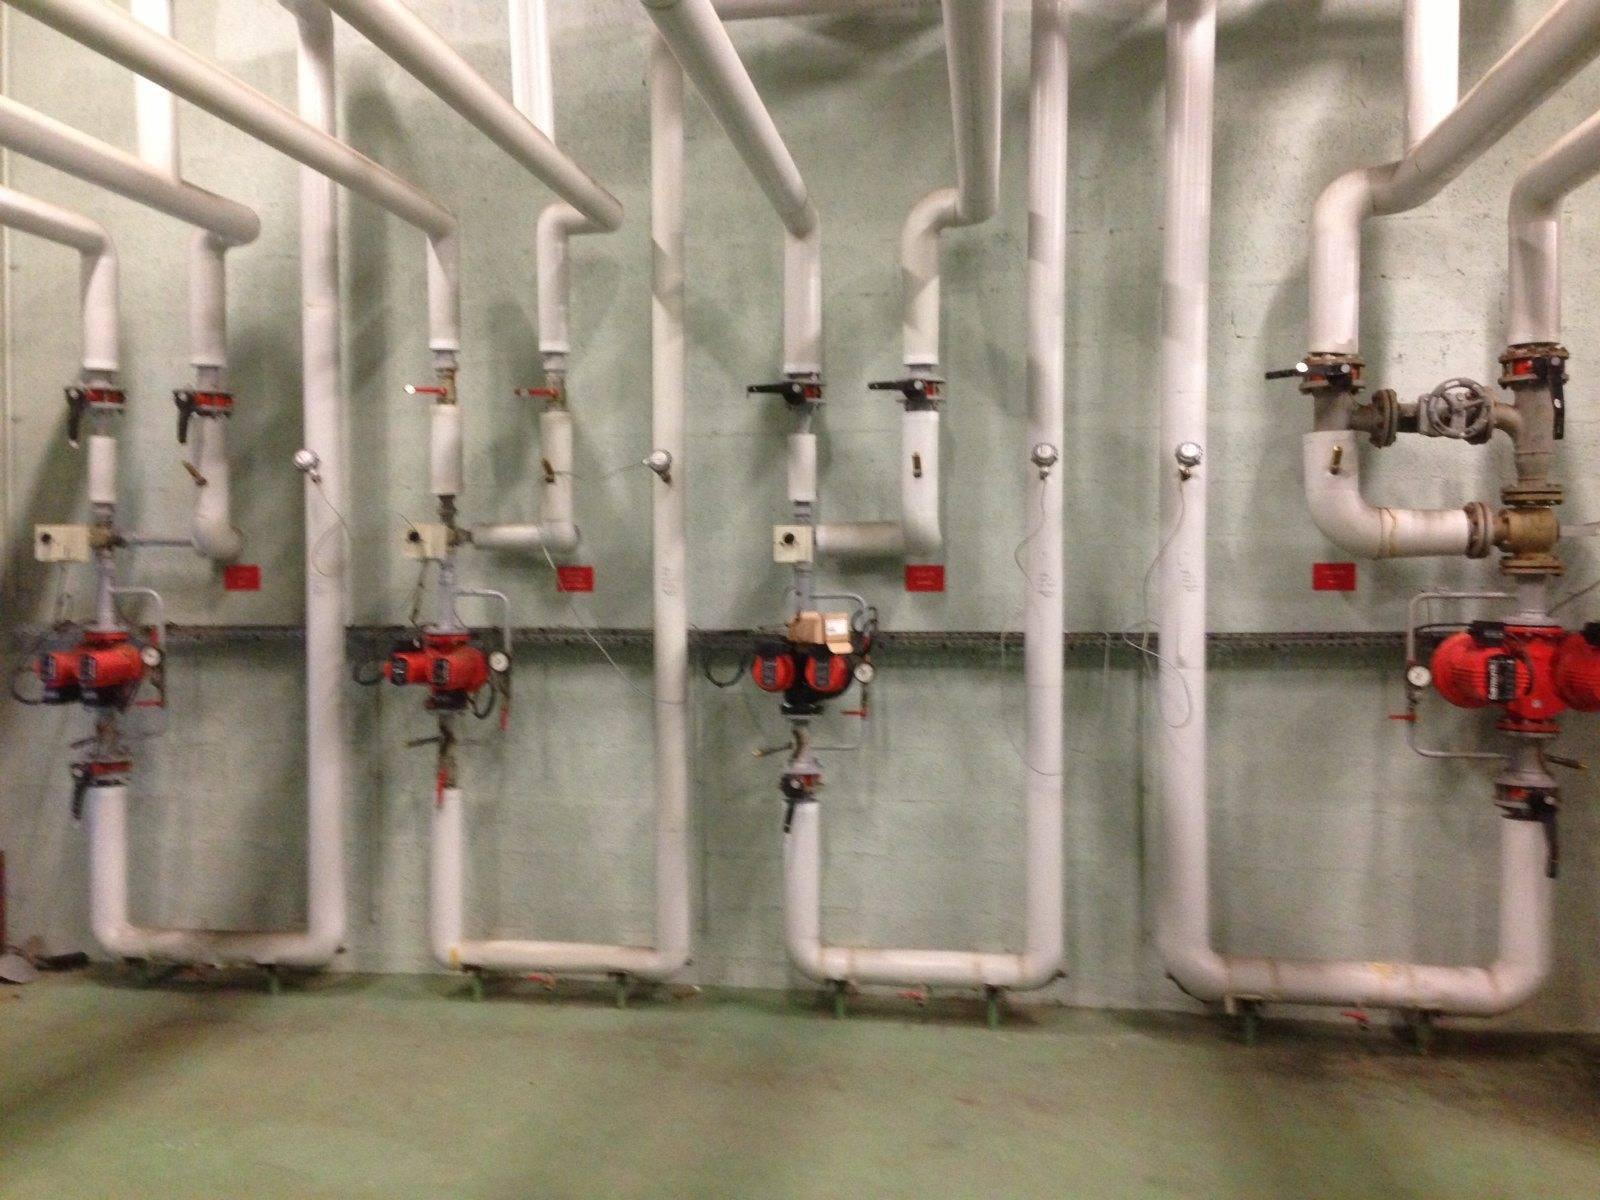 Промывка системы отопления в частном доме своими руками: способы очистки и их особенности